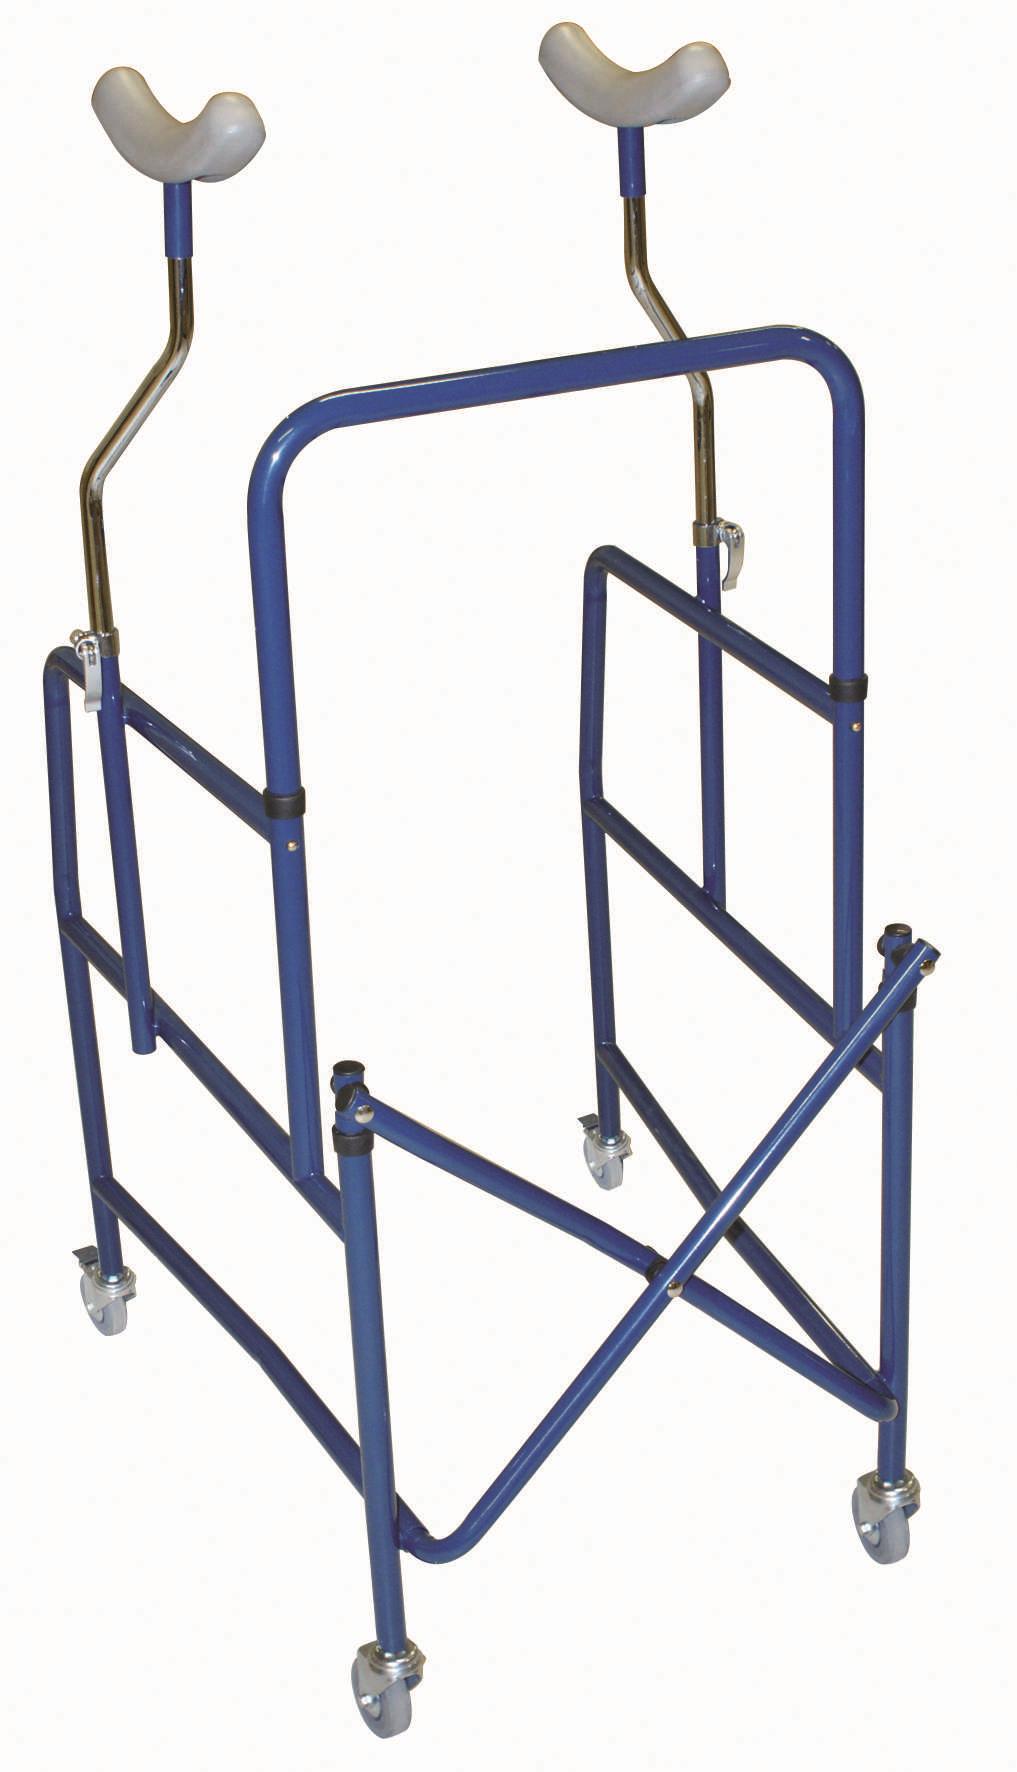 Deambulatori sottoascellari realizzati per sostenere persone con difficoltà di movimento